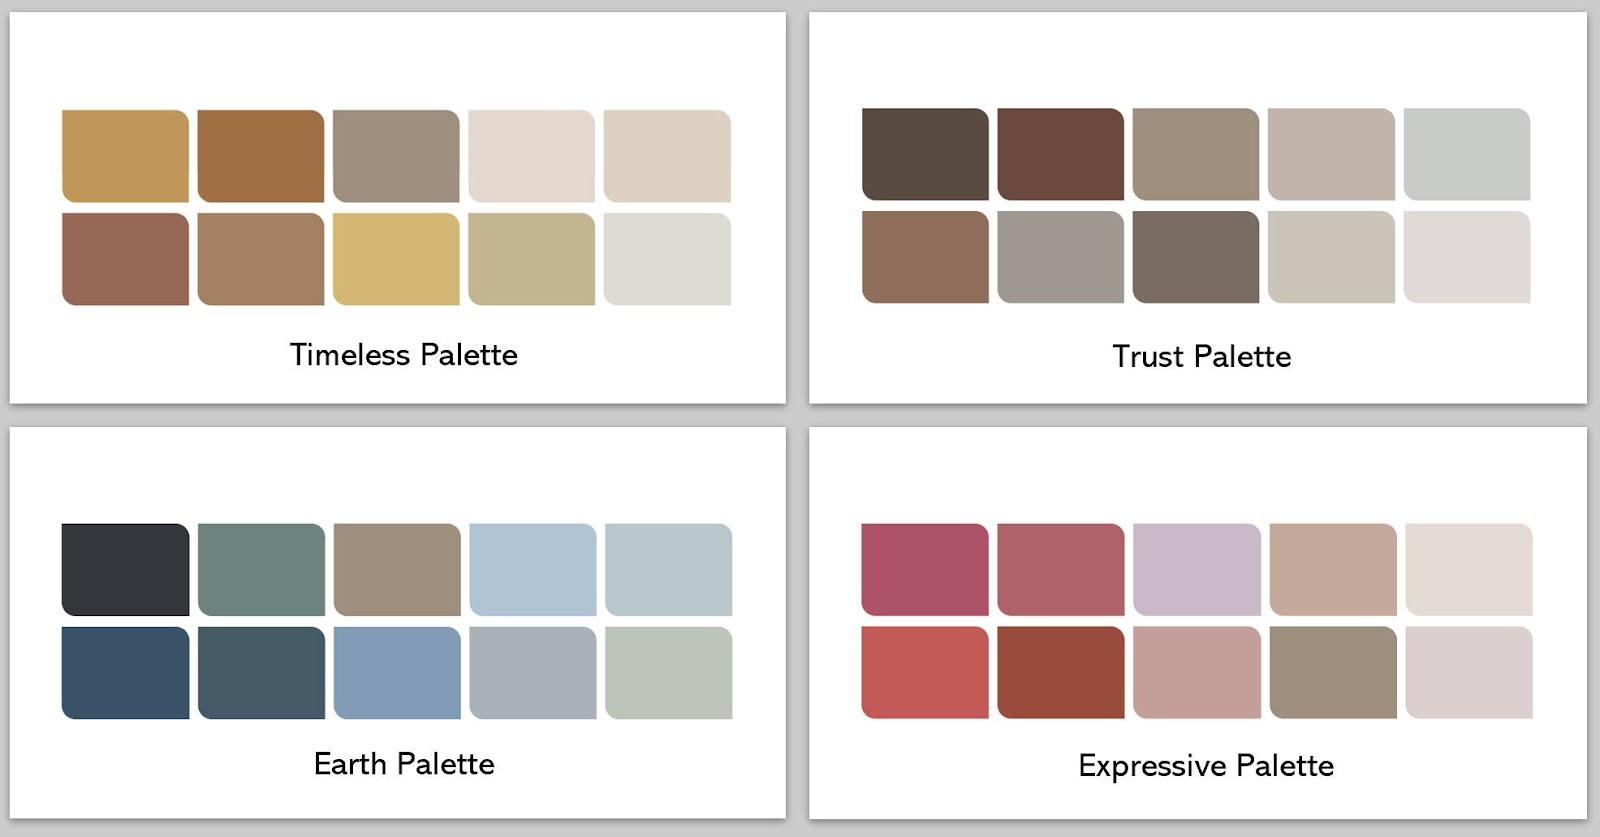 Lựa chọn những gam màu trung tính cho phòng ngủ của bạn